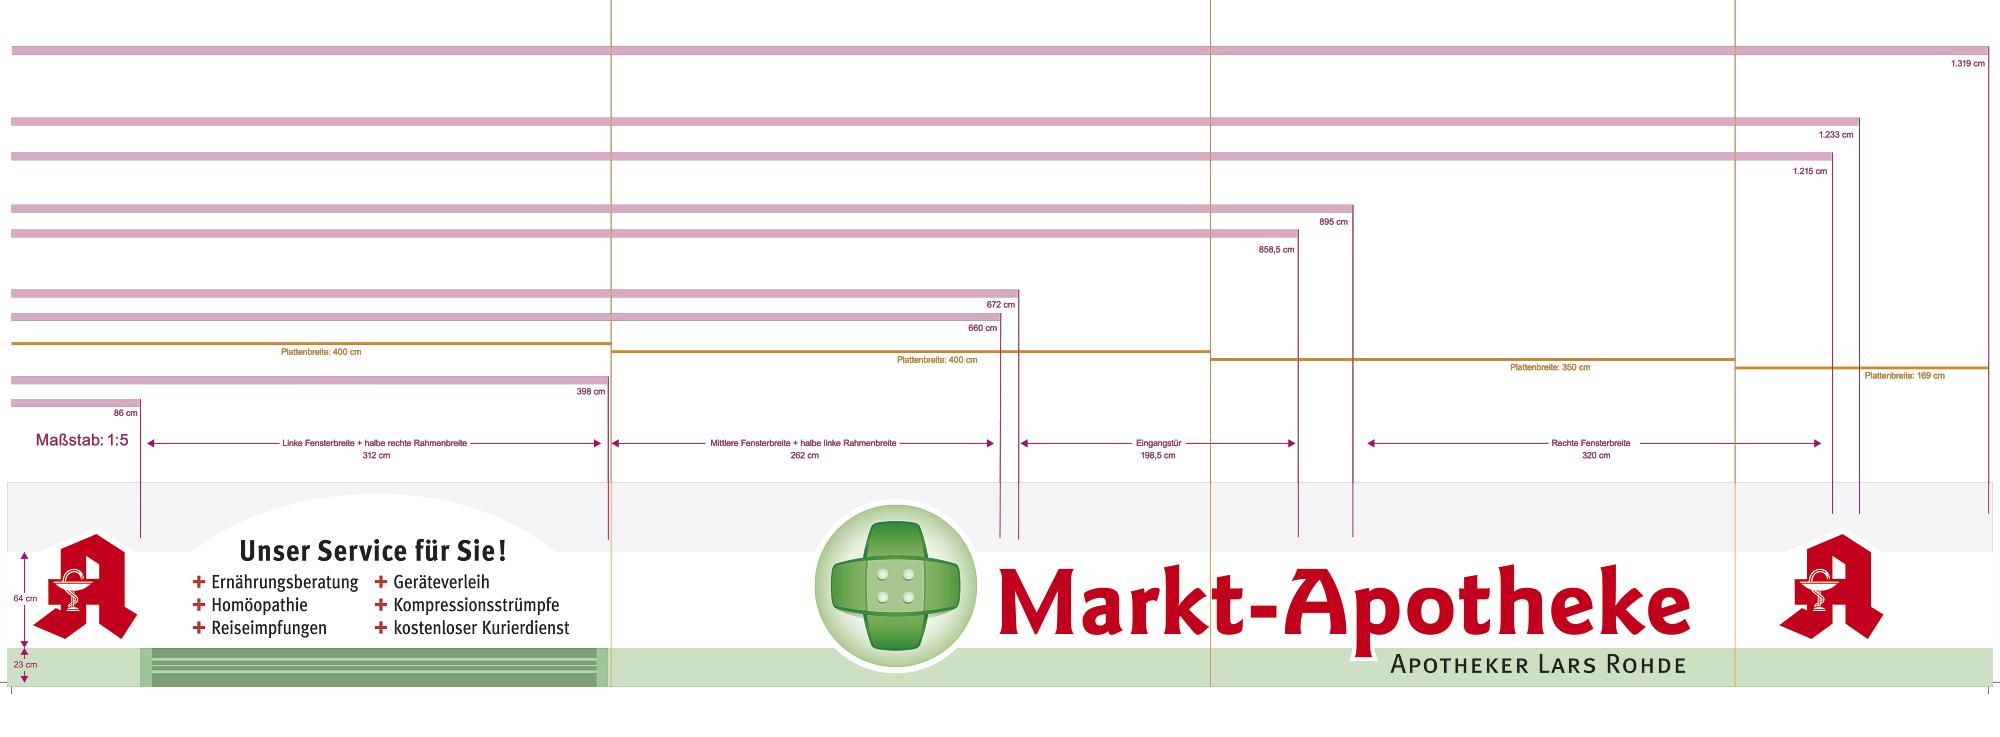 Markt-Apo_Außenw_2016_RZ_mit-Bemaßungi_Pfade